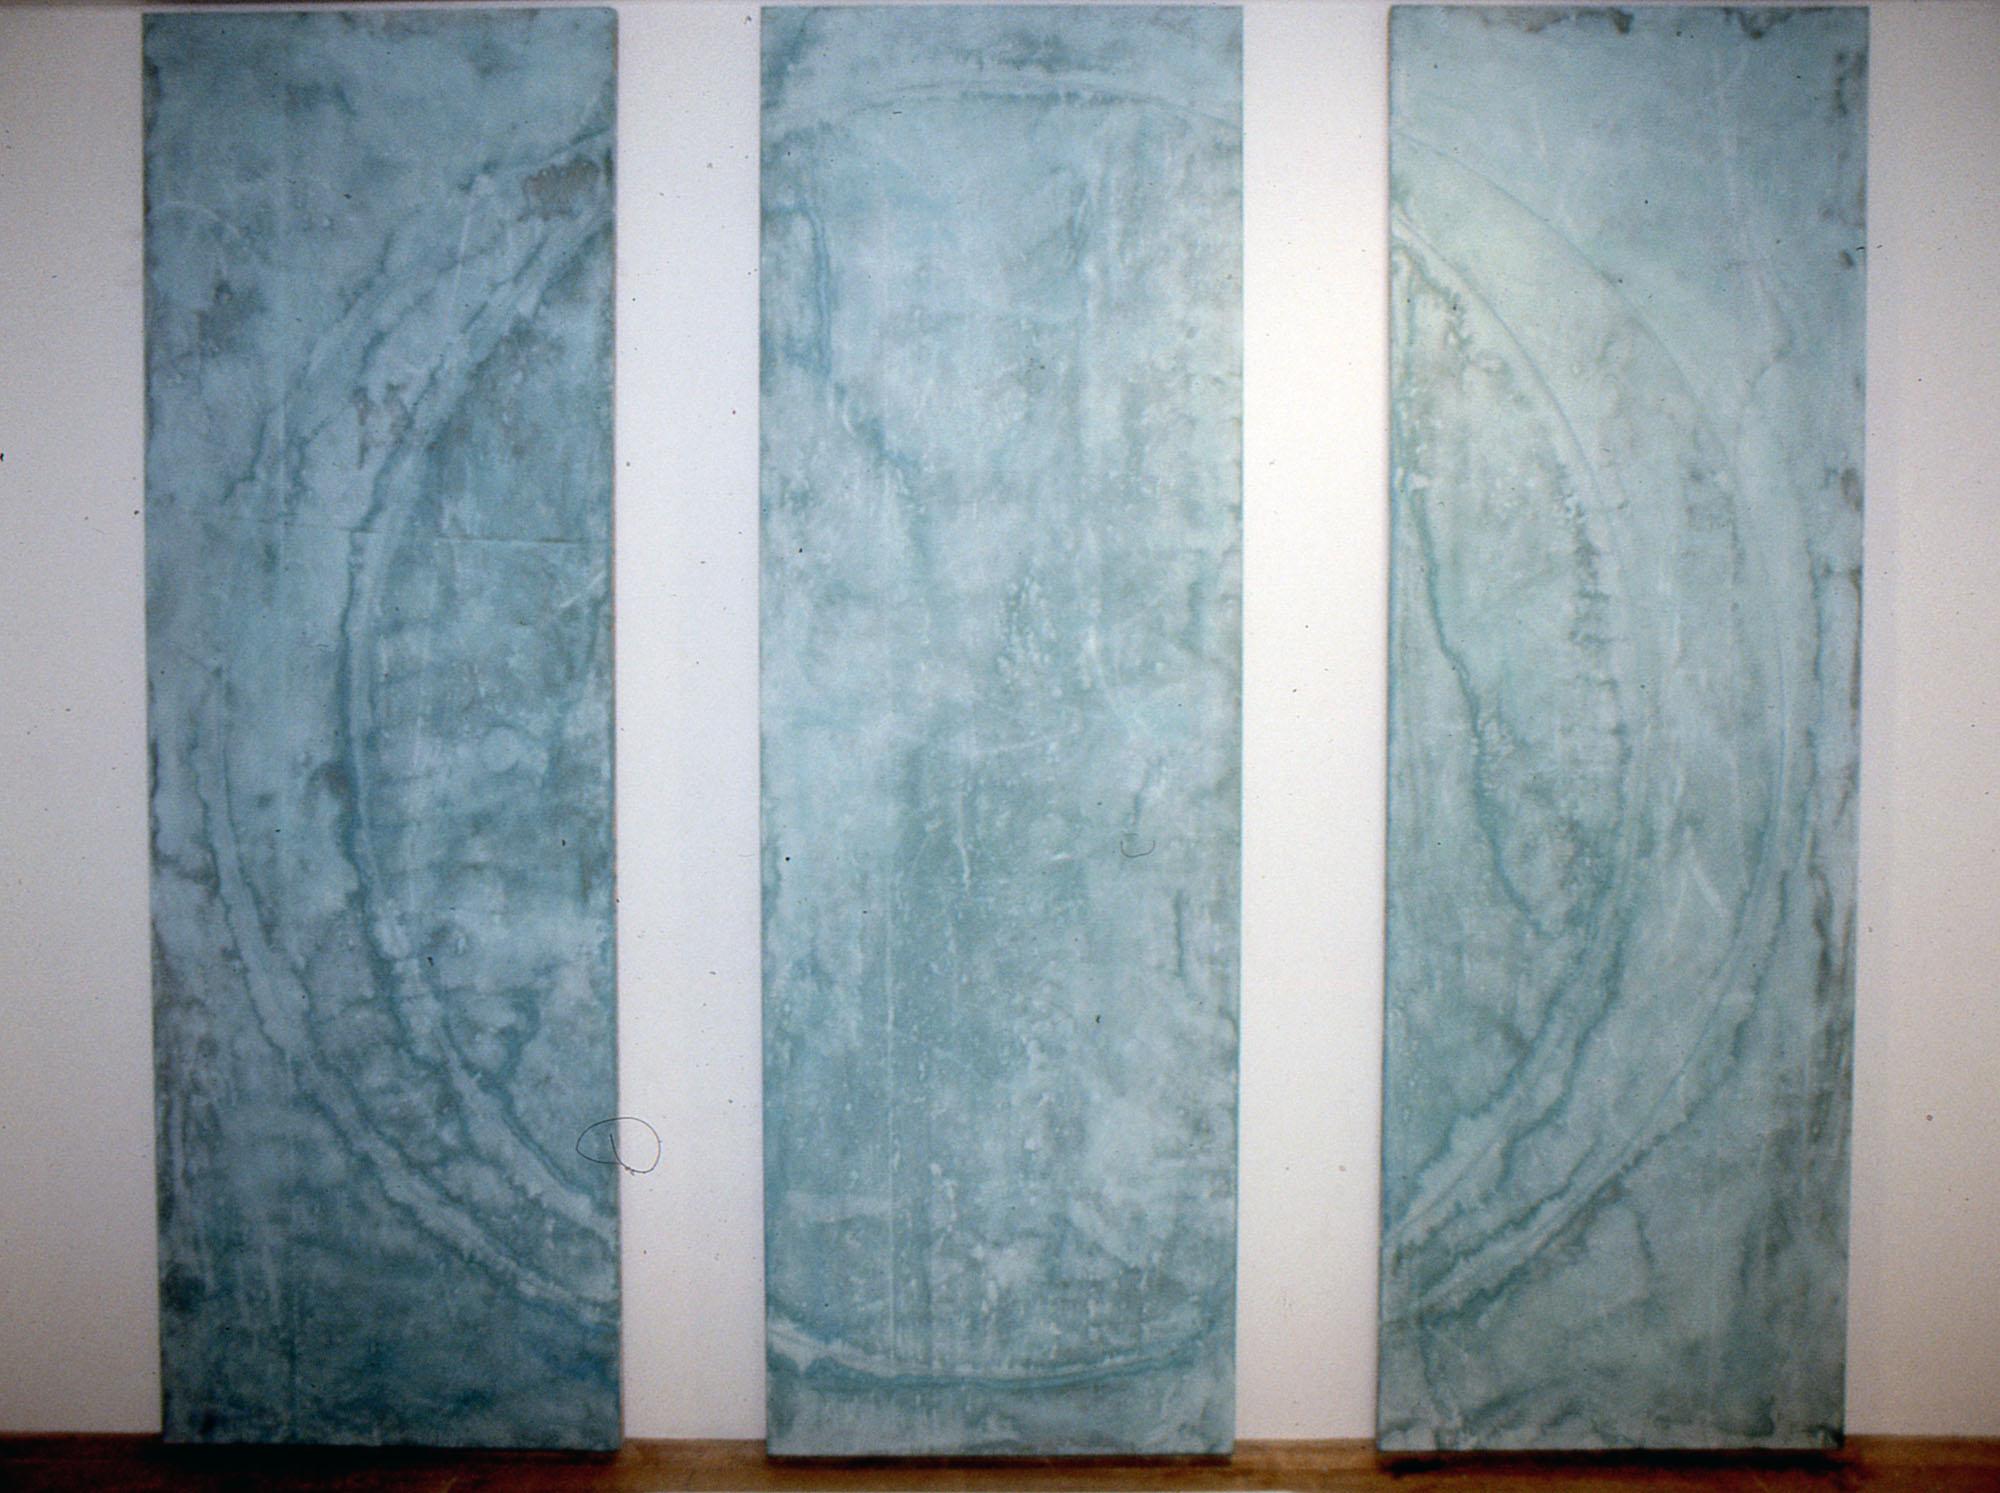 Stephen-Cox-'Freudenberg-Bars'-1990.i.jpg